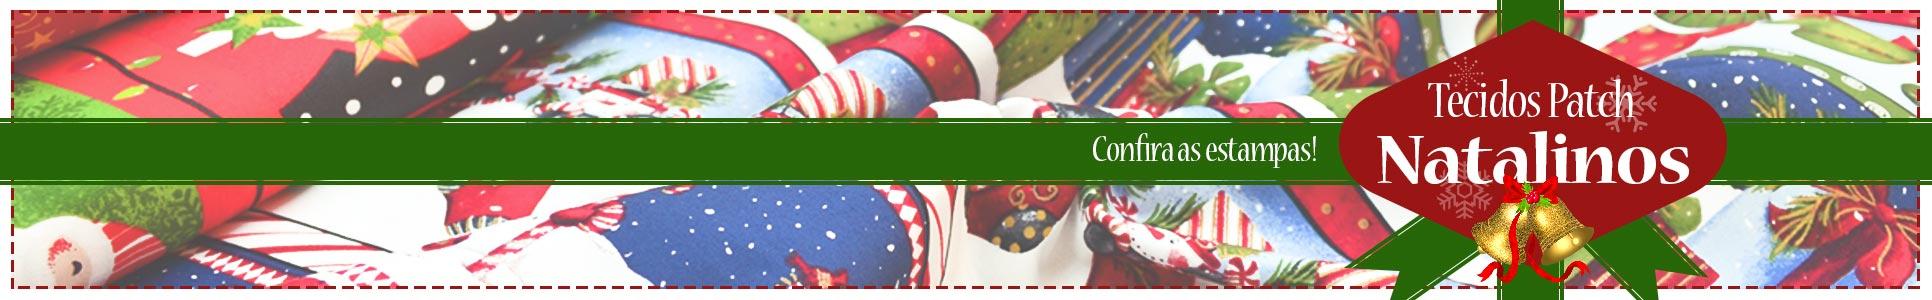 Tecidos Patch de Natal